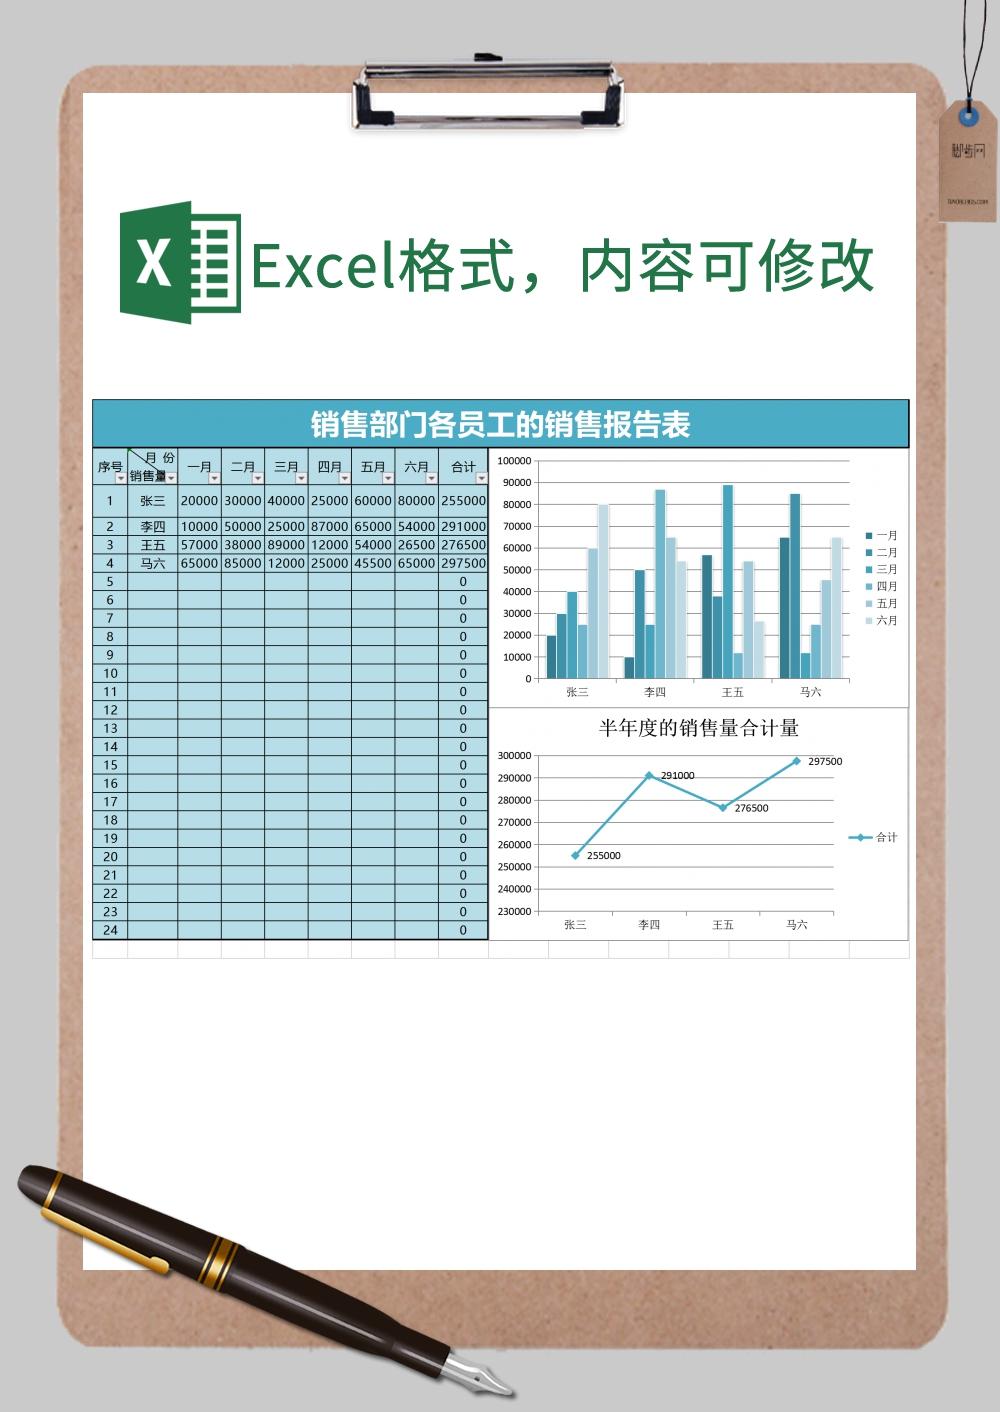 员工半年度的销量报告表Excel模板